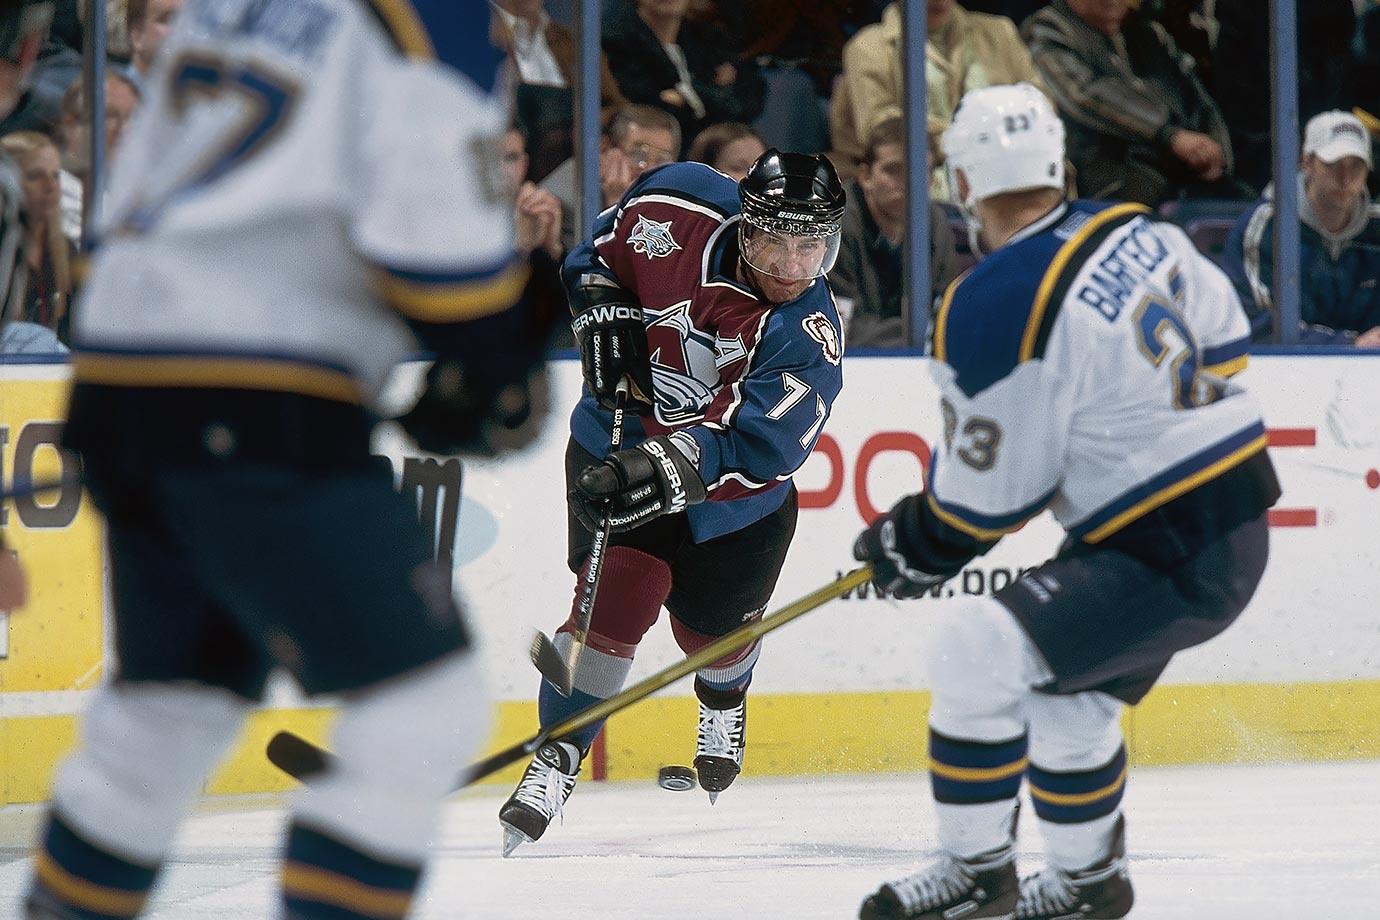 March 8, 2001 — Colorado Avalanche vs. St. Louis Blues